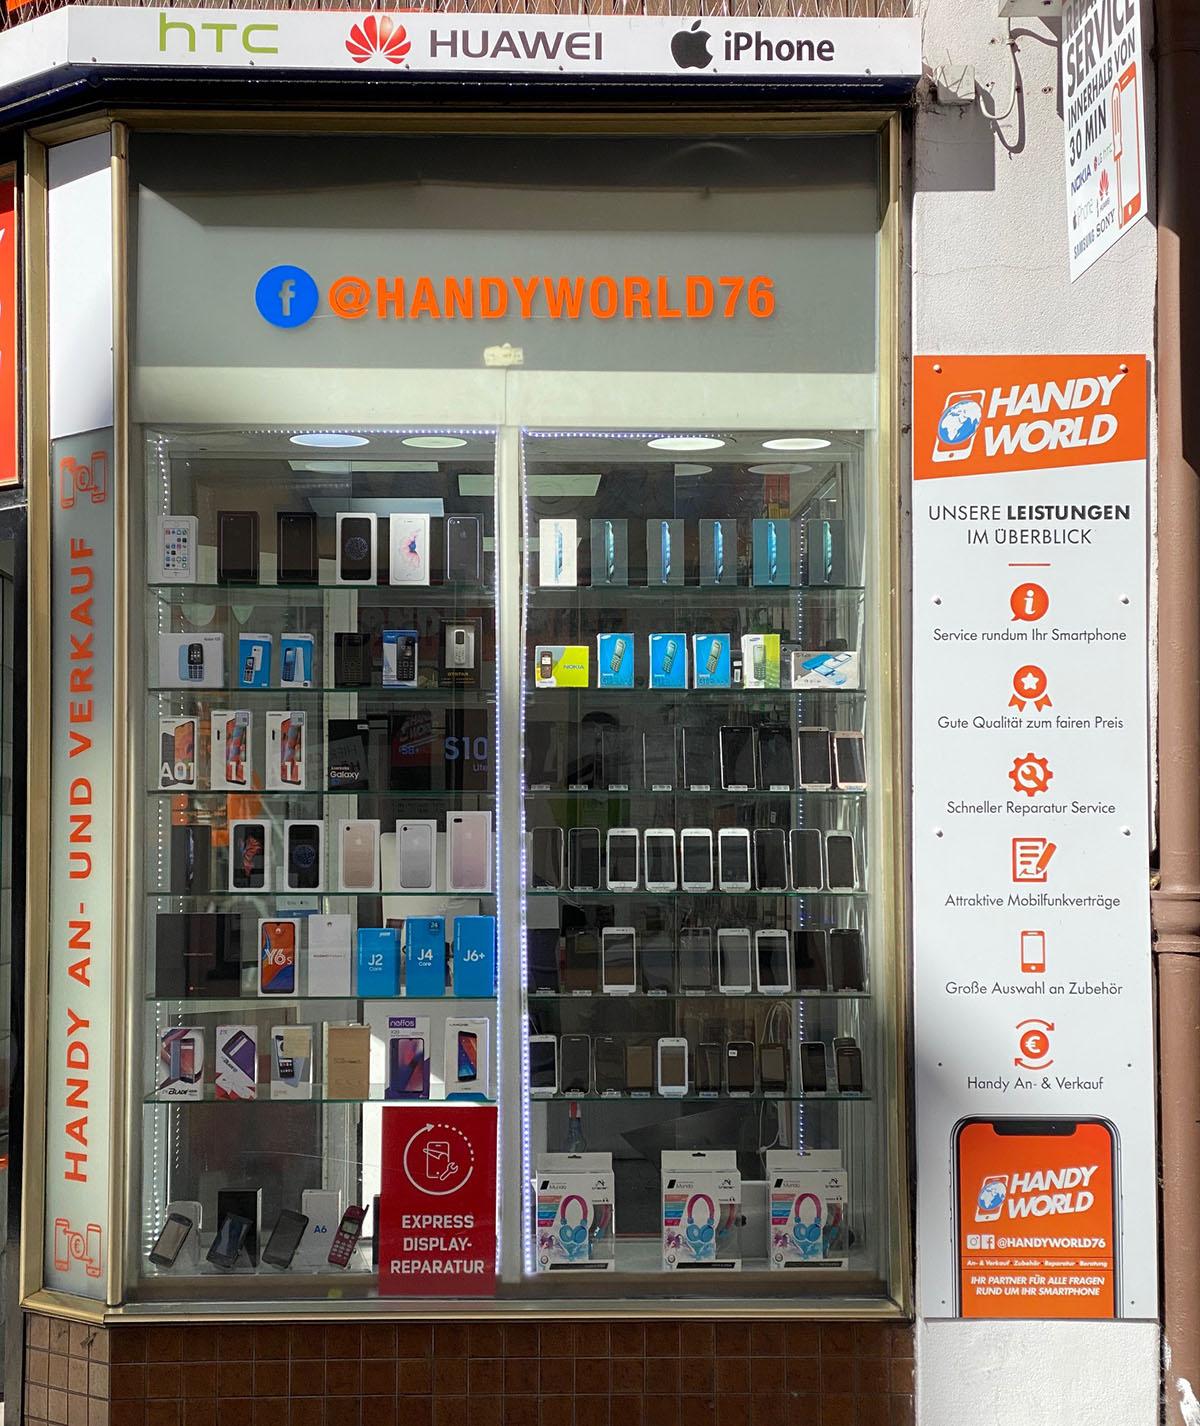 Handyworld Lübeck - iPhone und Smartphone